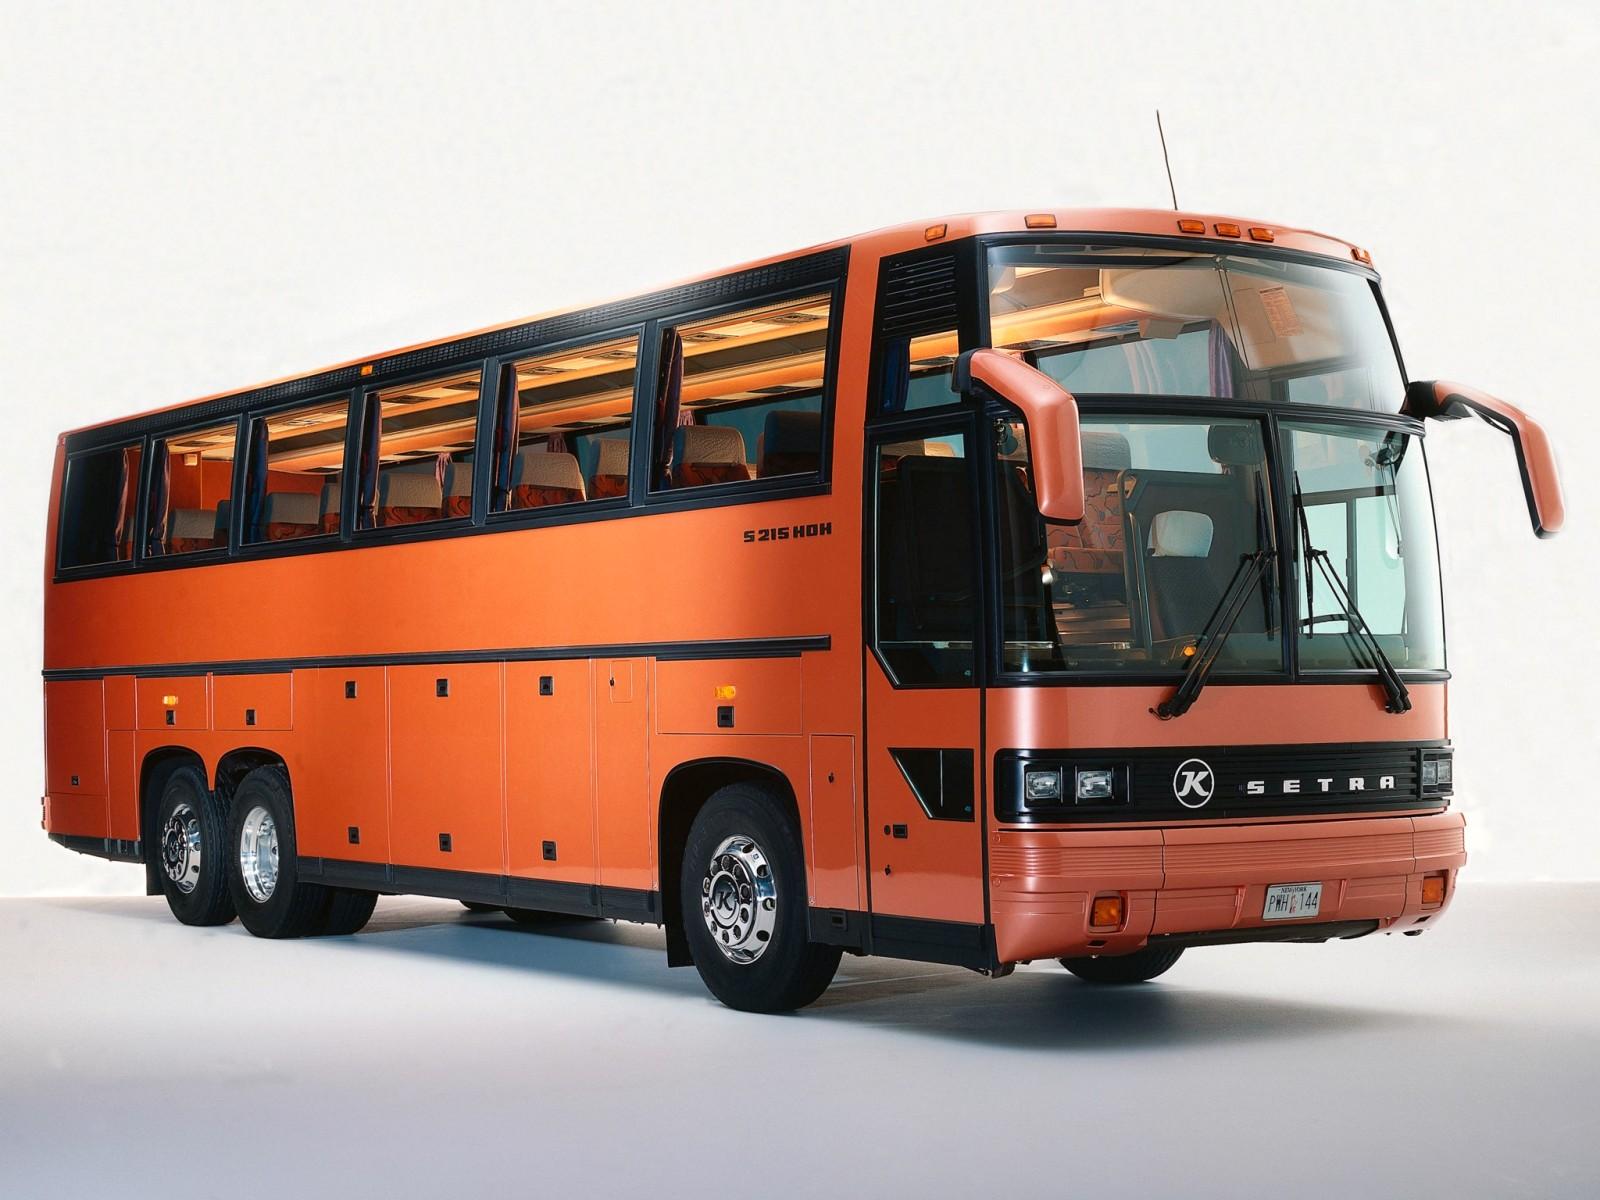 Скачать автобусы моды на евро трек симулятор 2 - 6f3b5